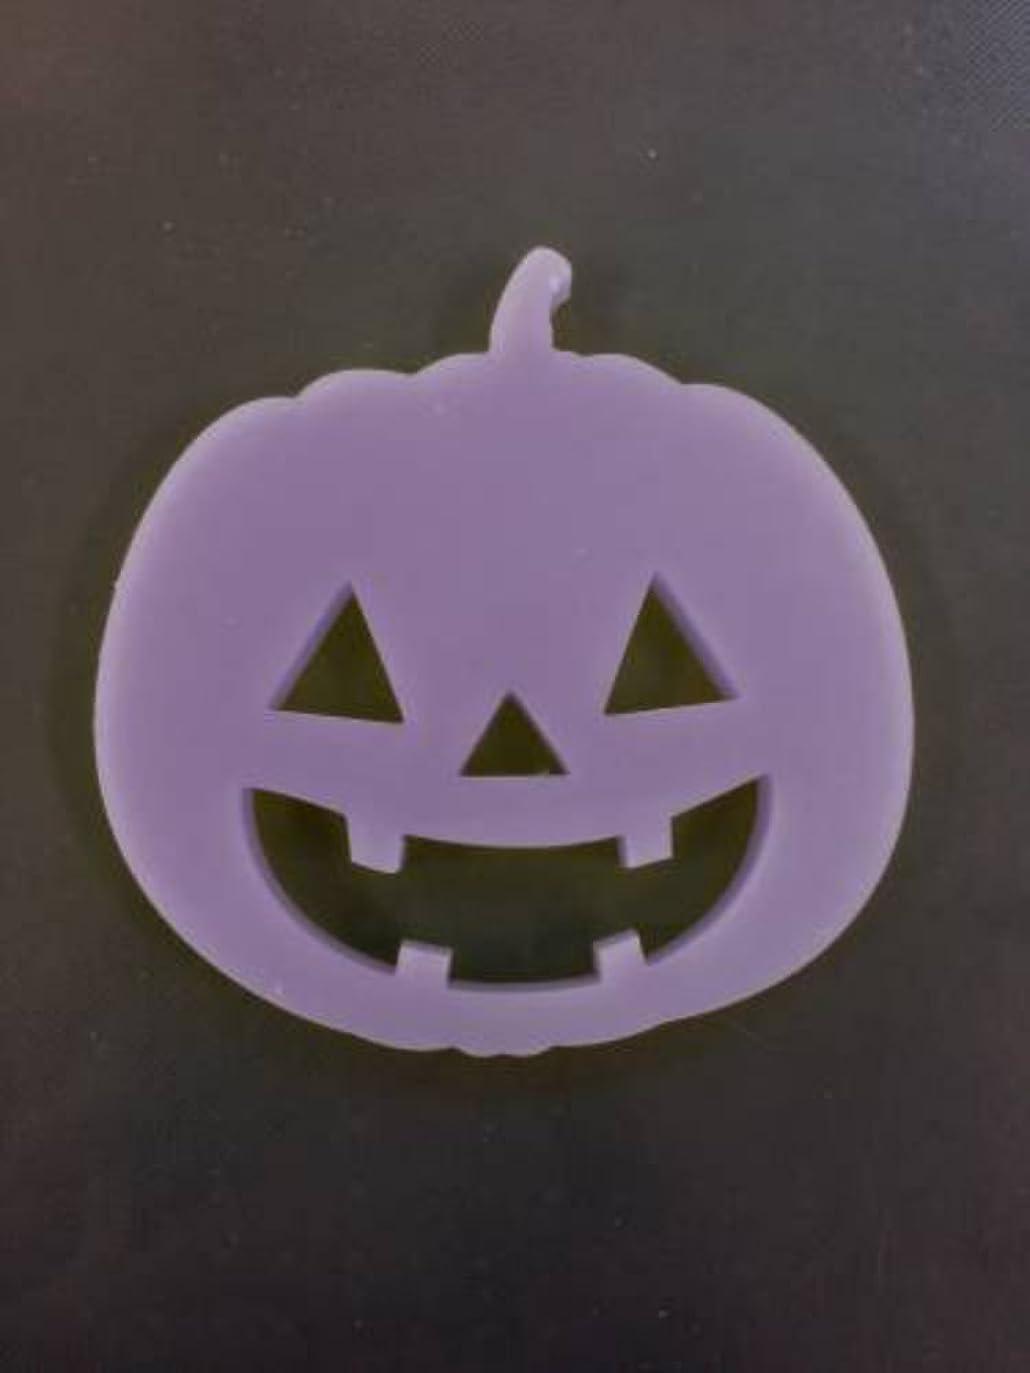 鹿衣服サバントGRASSE TOKYO AROMATICWAXチャーム「ハロウィンかぼちゃ」(PU) ラベンダー アロマティックワックス グラーストウキョウ